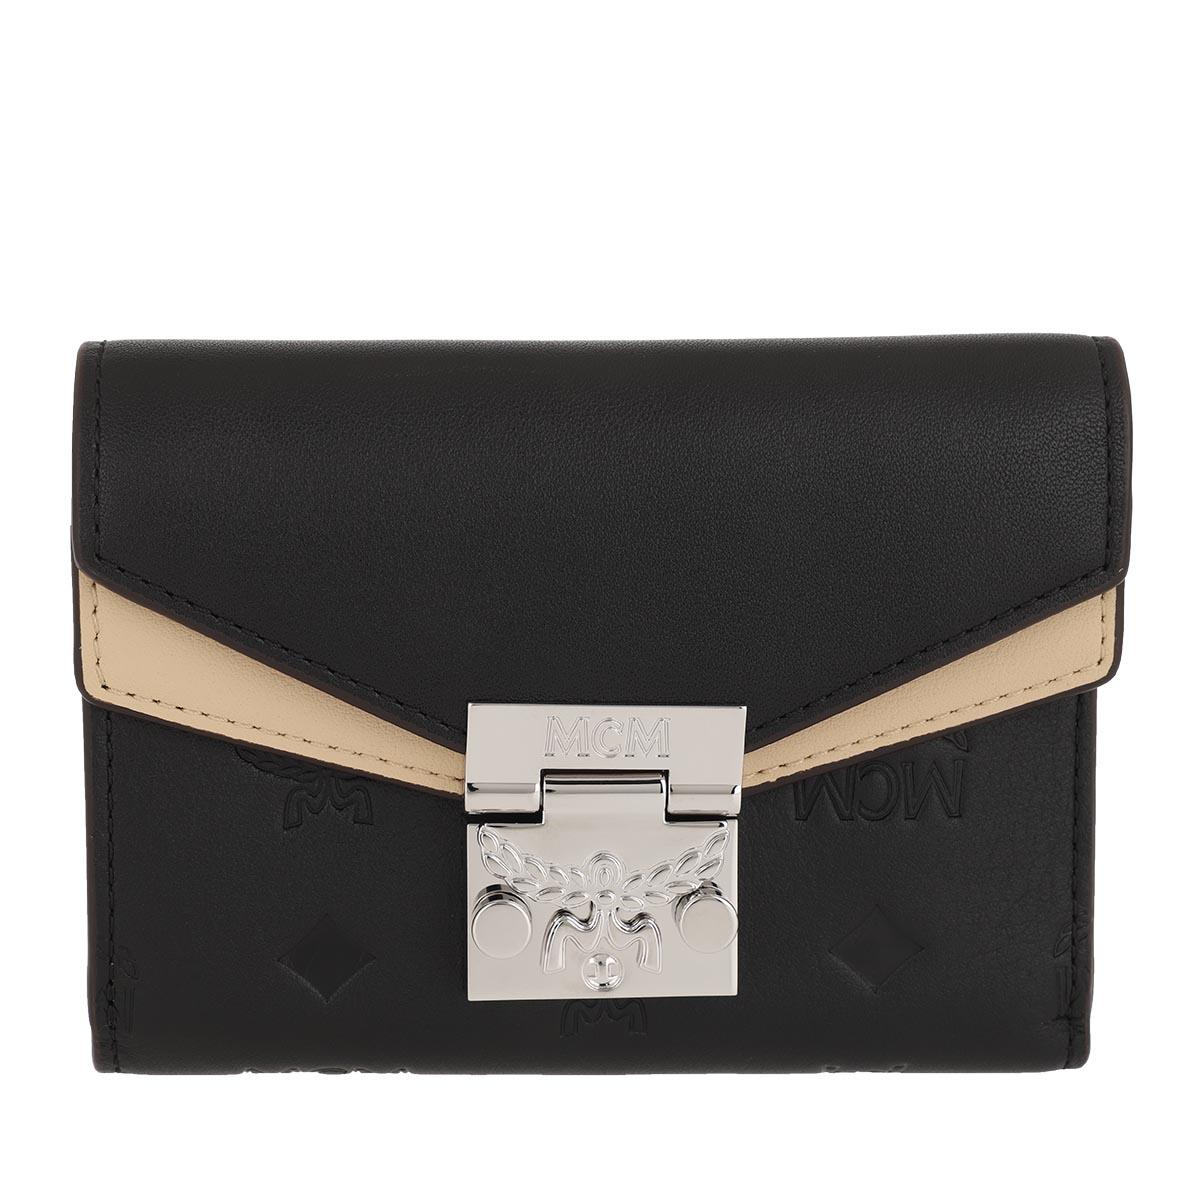 MCM Portemonnaie - Small Wallet Black - in schwarz - für Damen